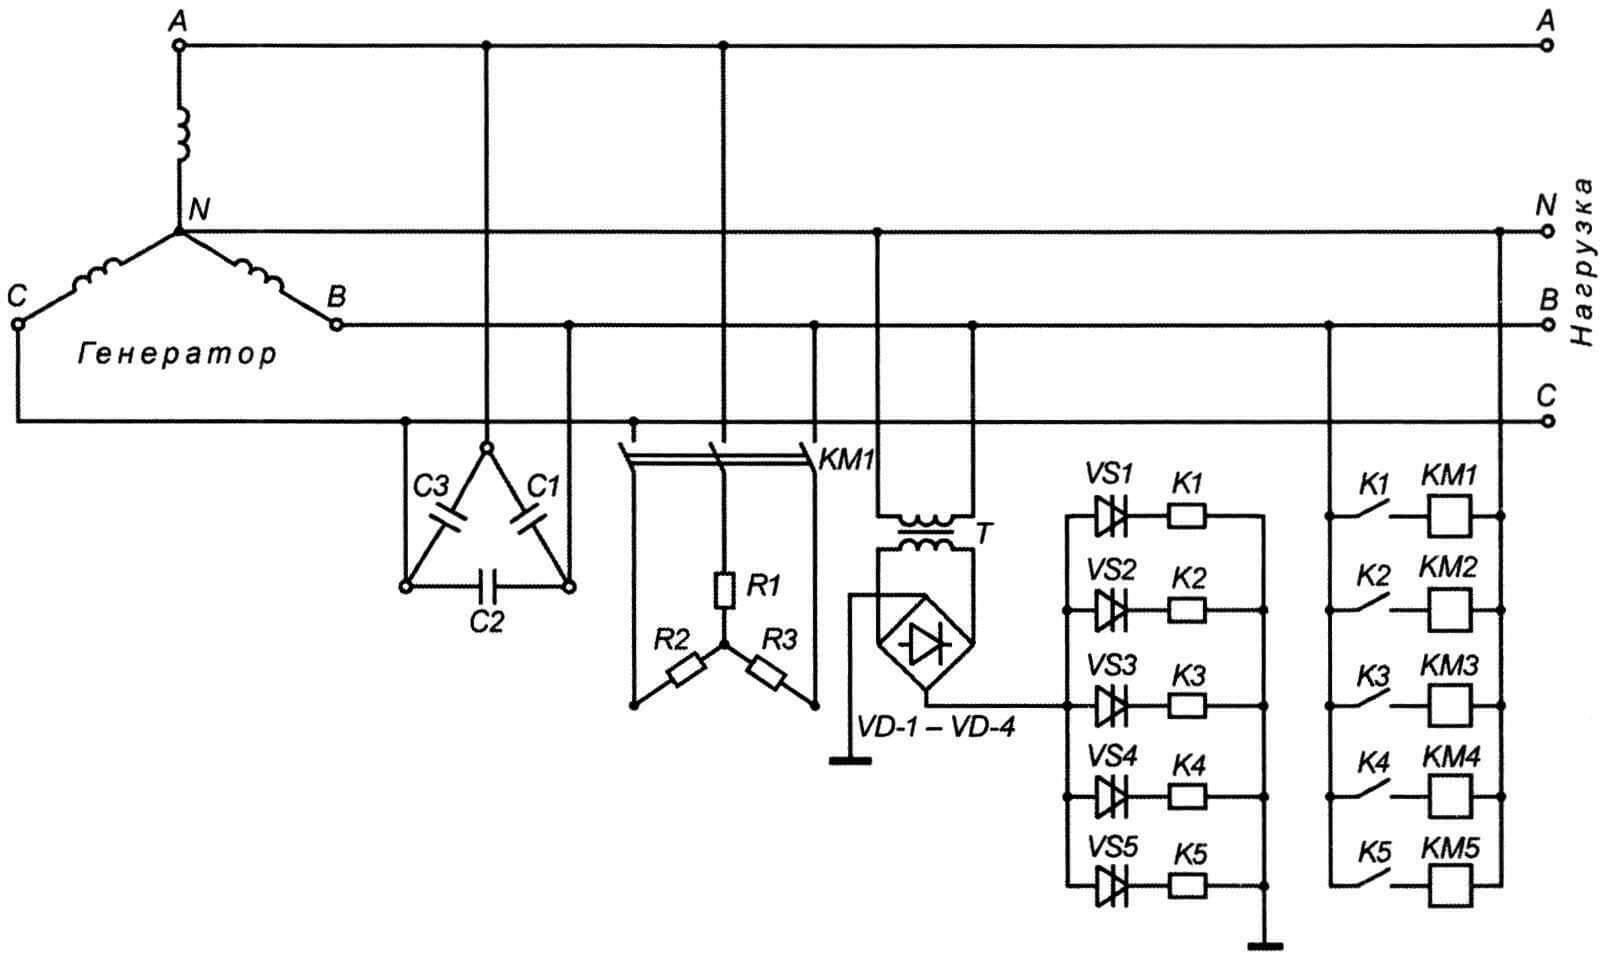 Принципиальная схема электростанции (условно показан один из пяти блоков ТЭН)